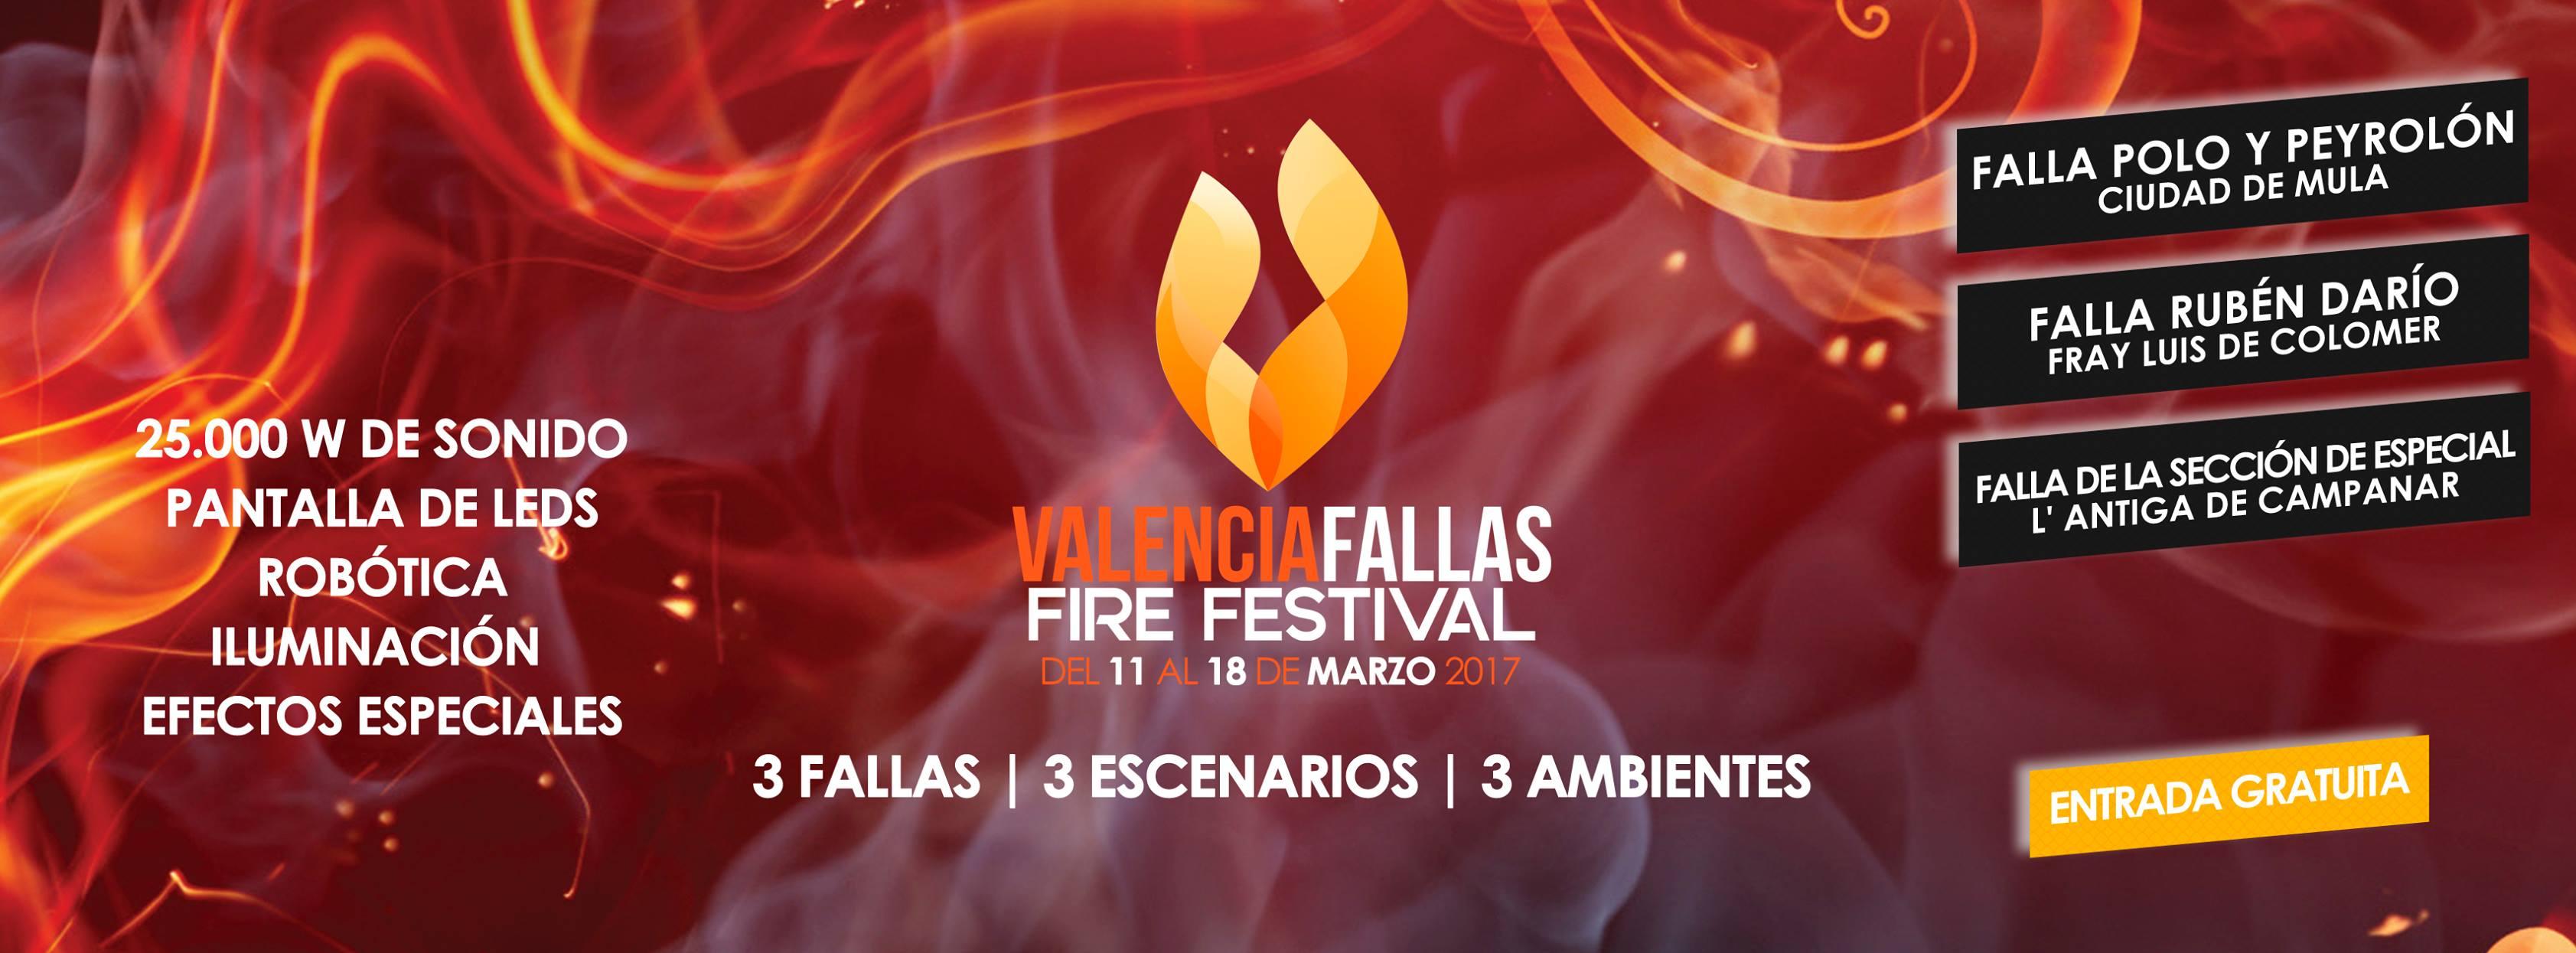 Verbenas de Fallas, Fallas Valencia, Discomóviles Fallas